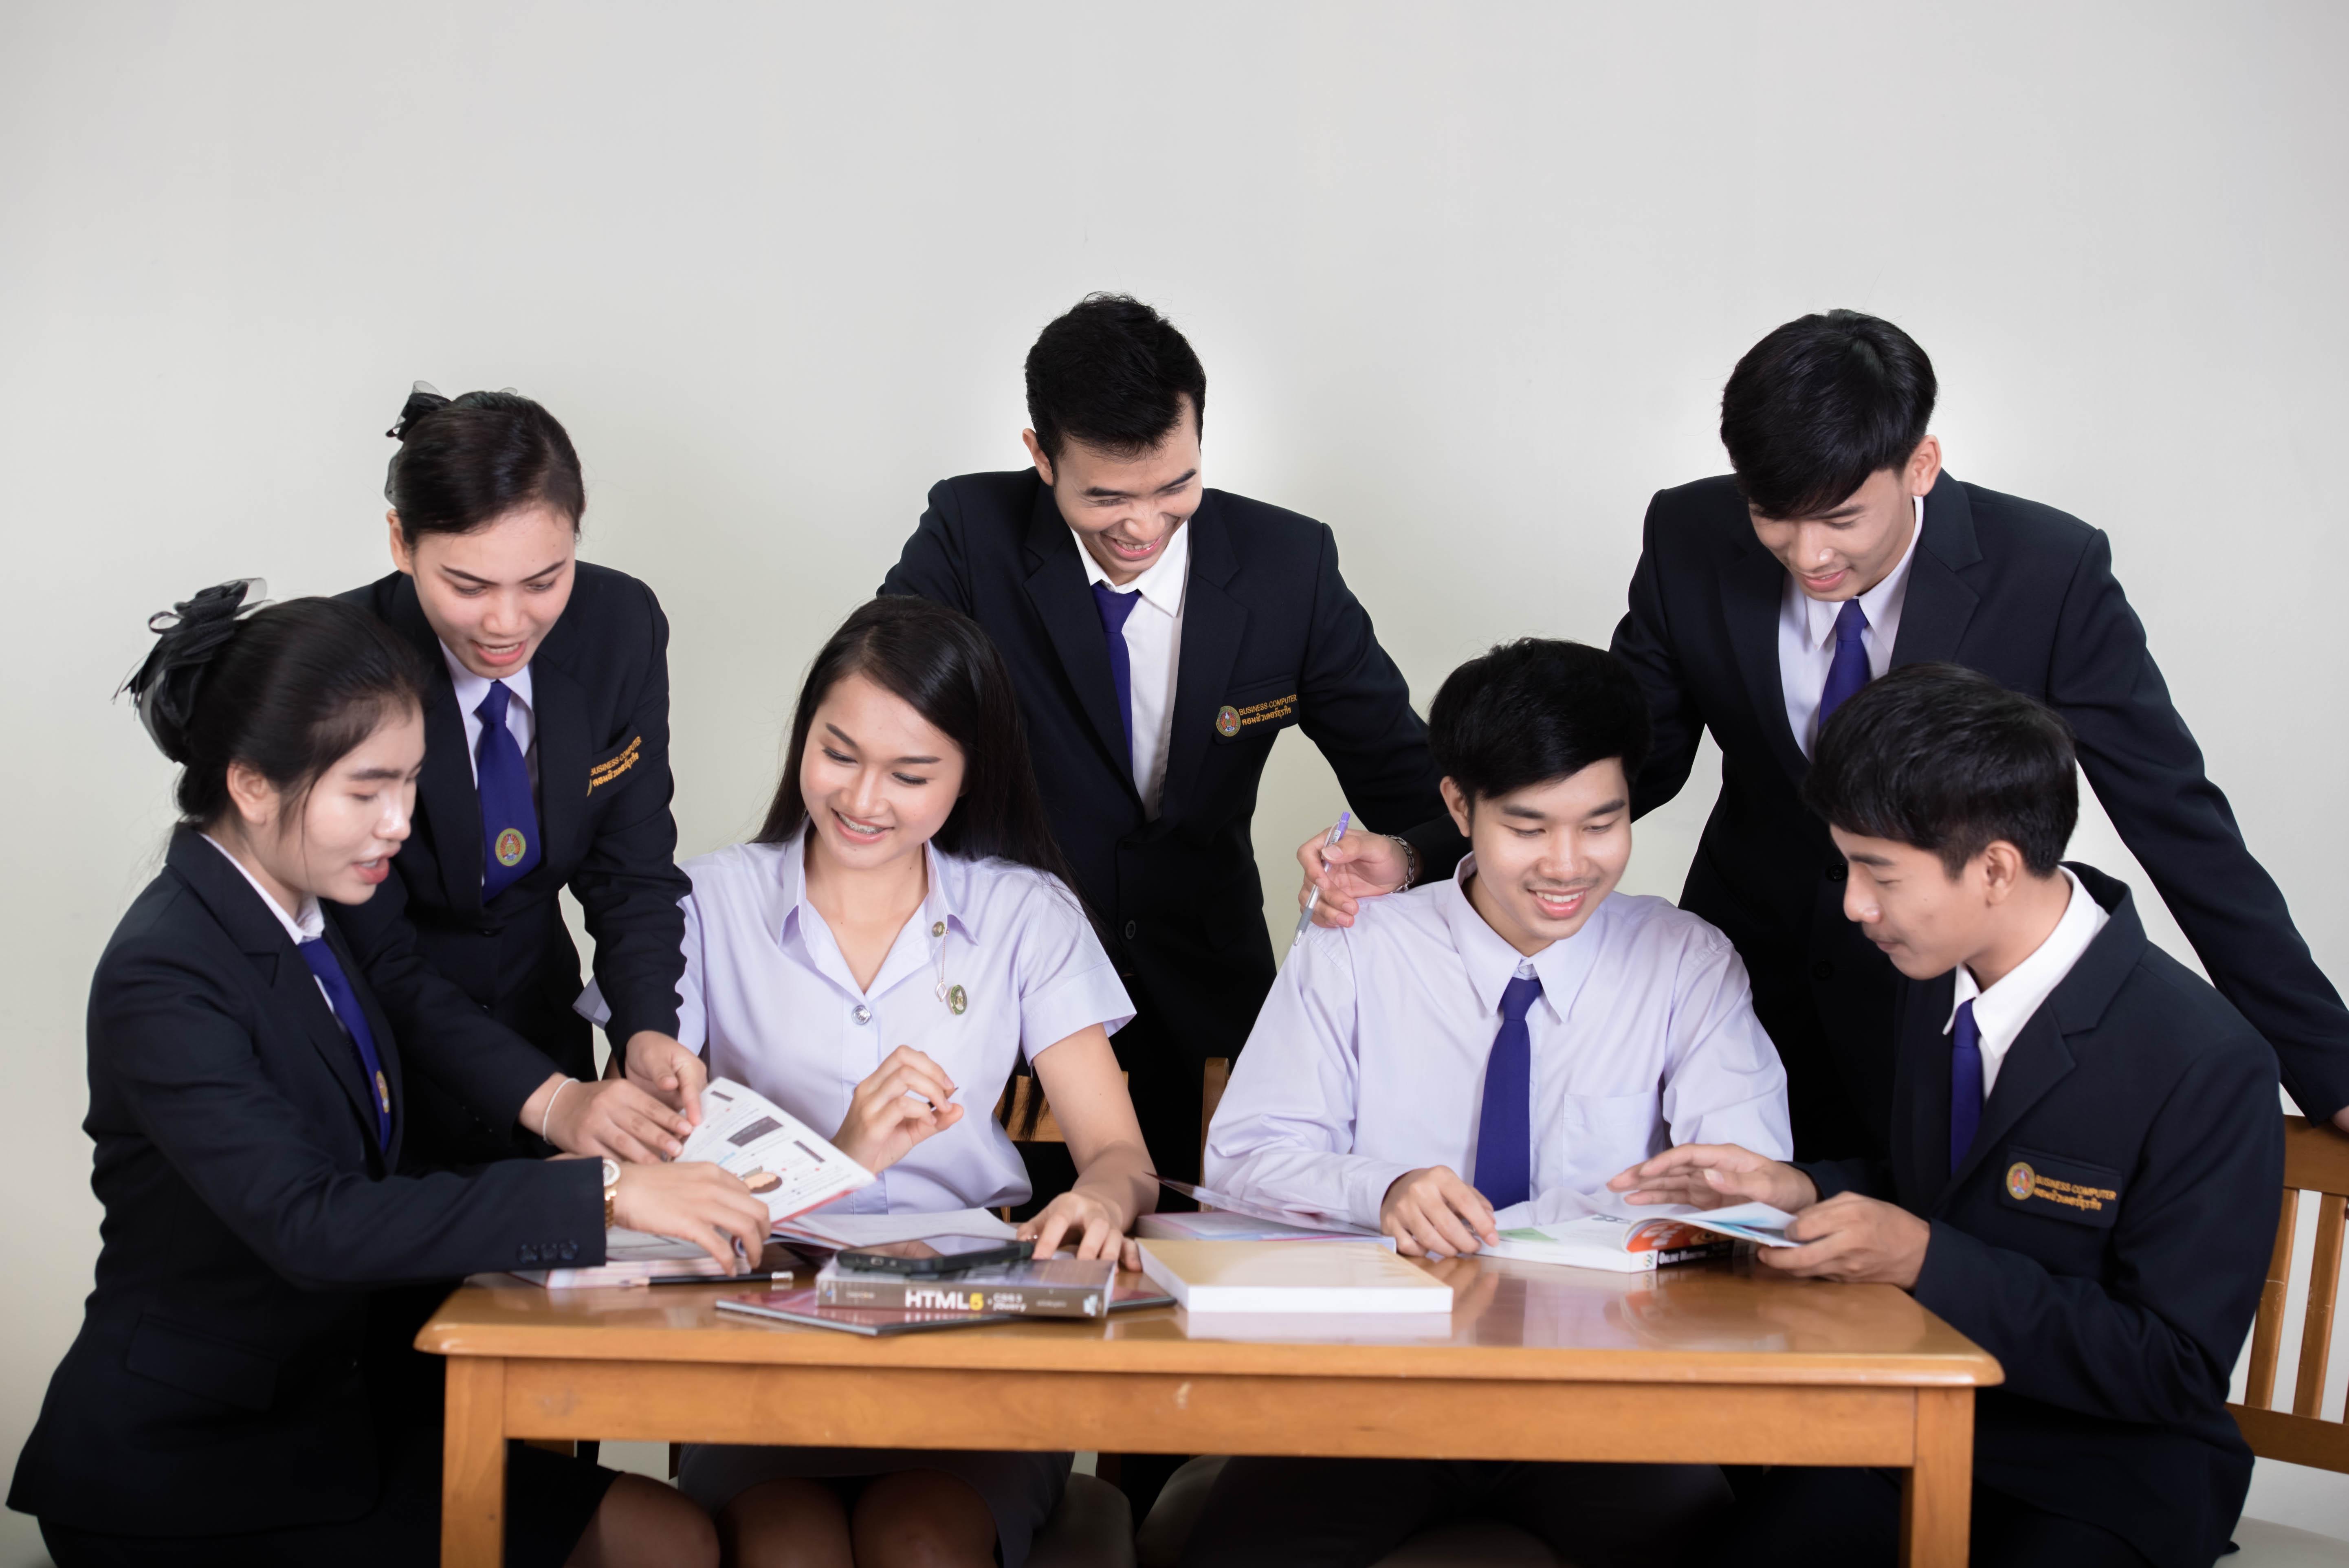 กำหนดวันเลือกรายวิชาเลือกเสรีและรายชื่อวิชาที่เปิด สำหรับนักศึกษา ภาค กศ.บป. ประจำภาคการศึกษาที่ 2/2563